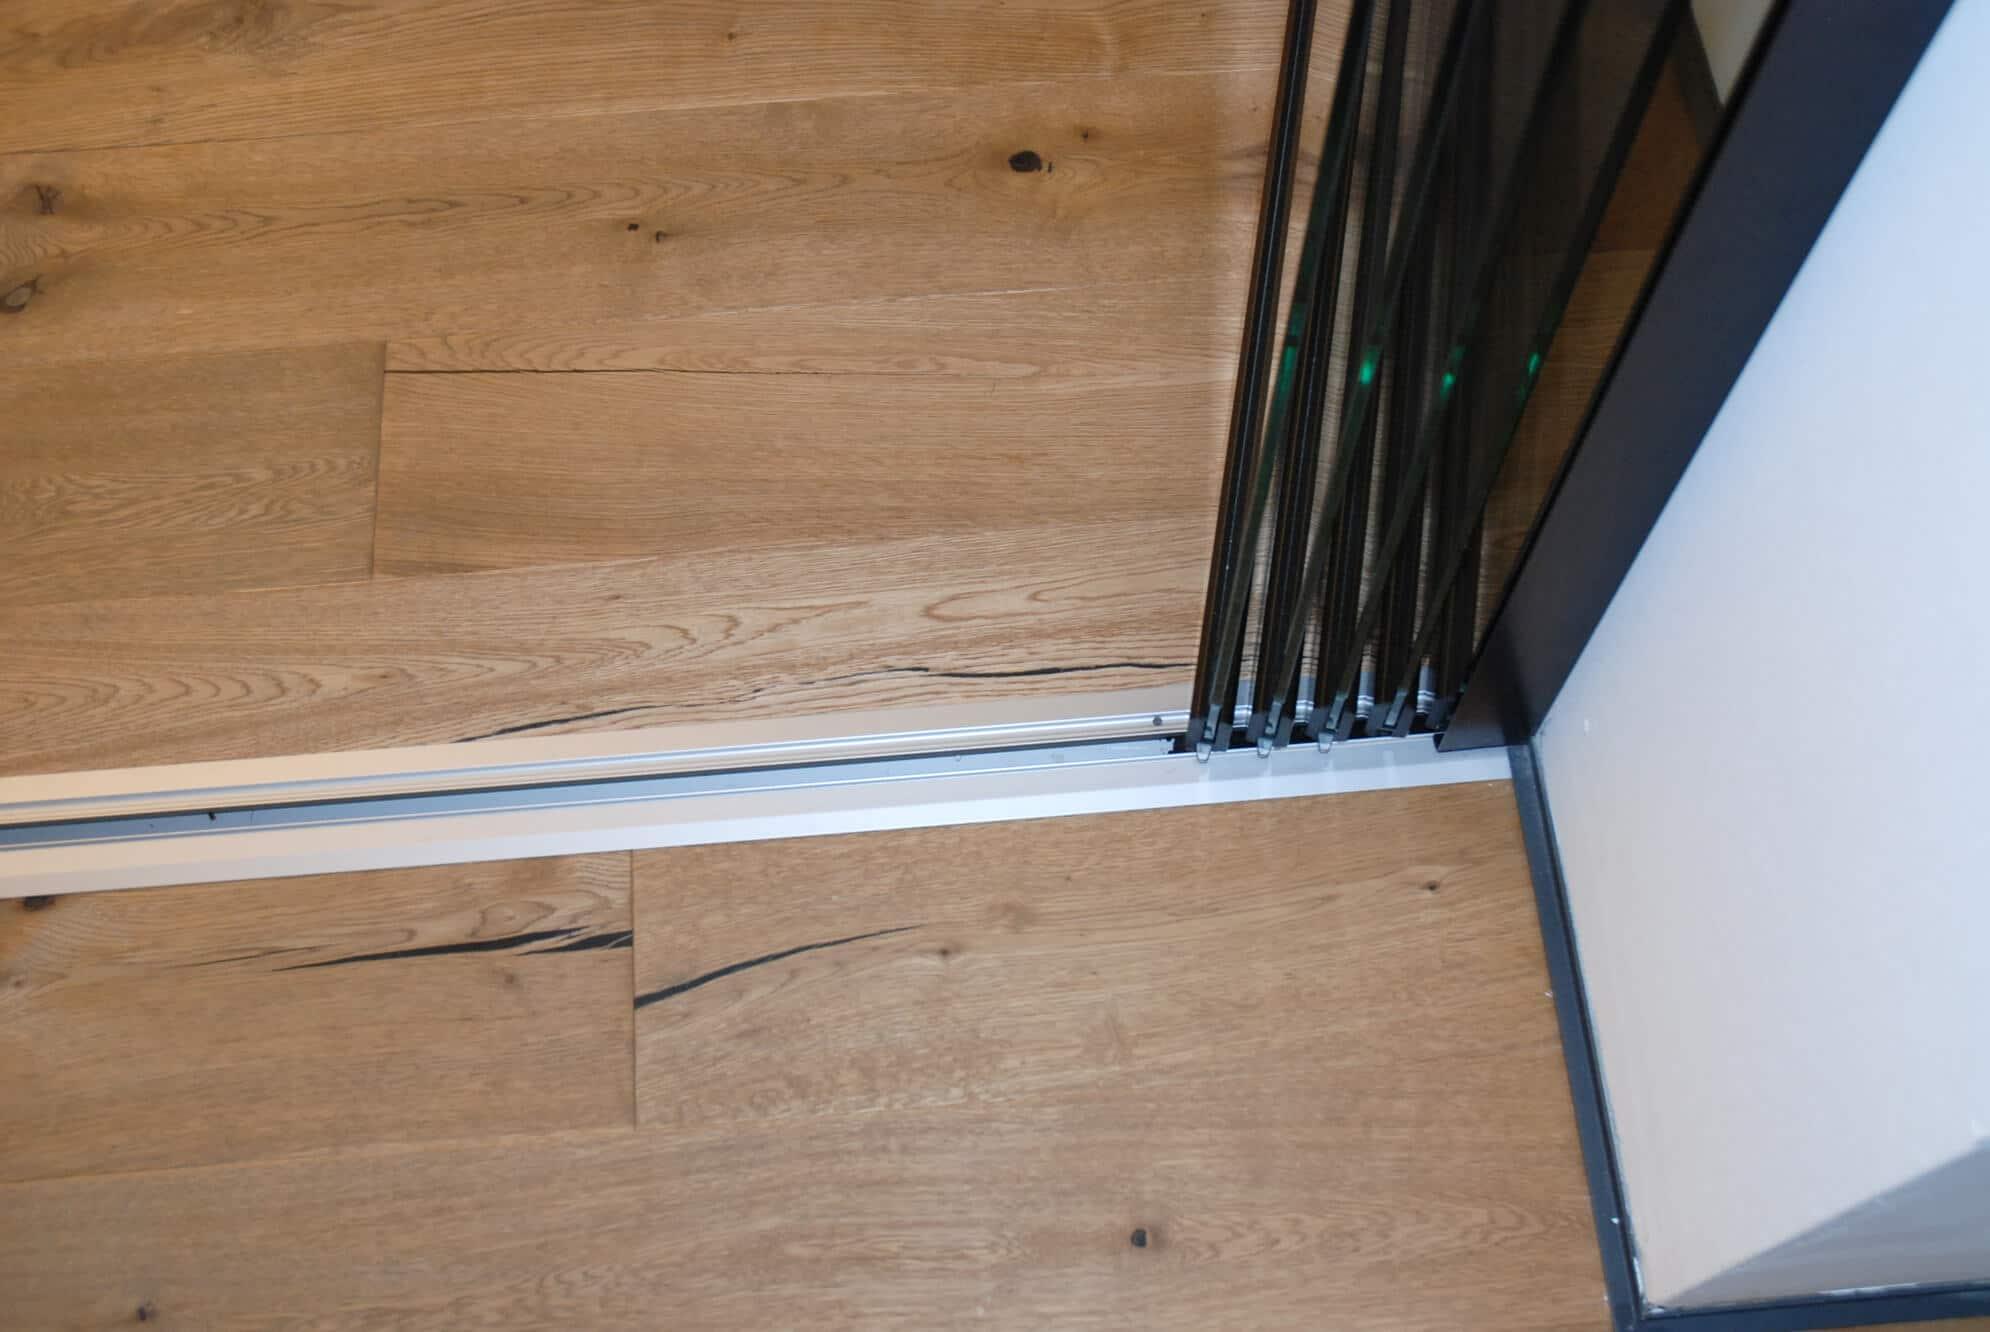 Schiebe-Dreh-Verglasung Flügel bei Öffnung